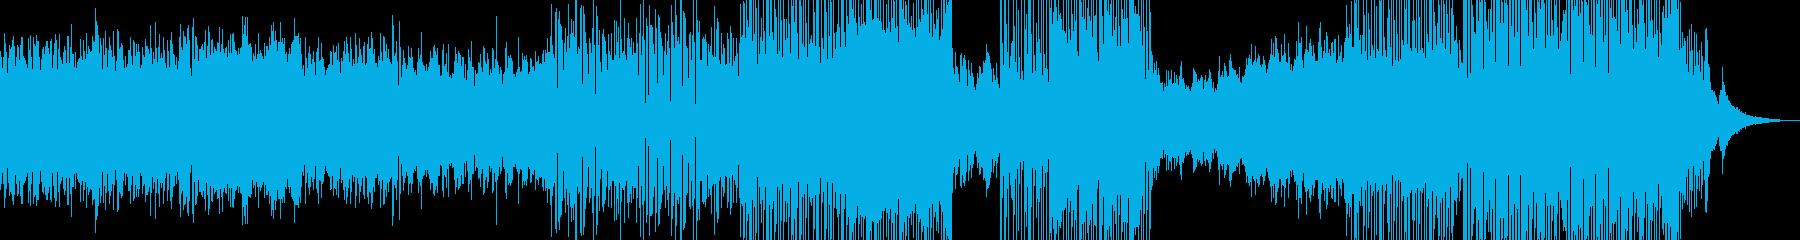 癒し系RPG・後半から打楽器有 長尺★の再生済みの波形